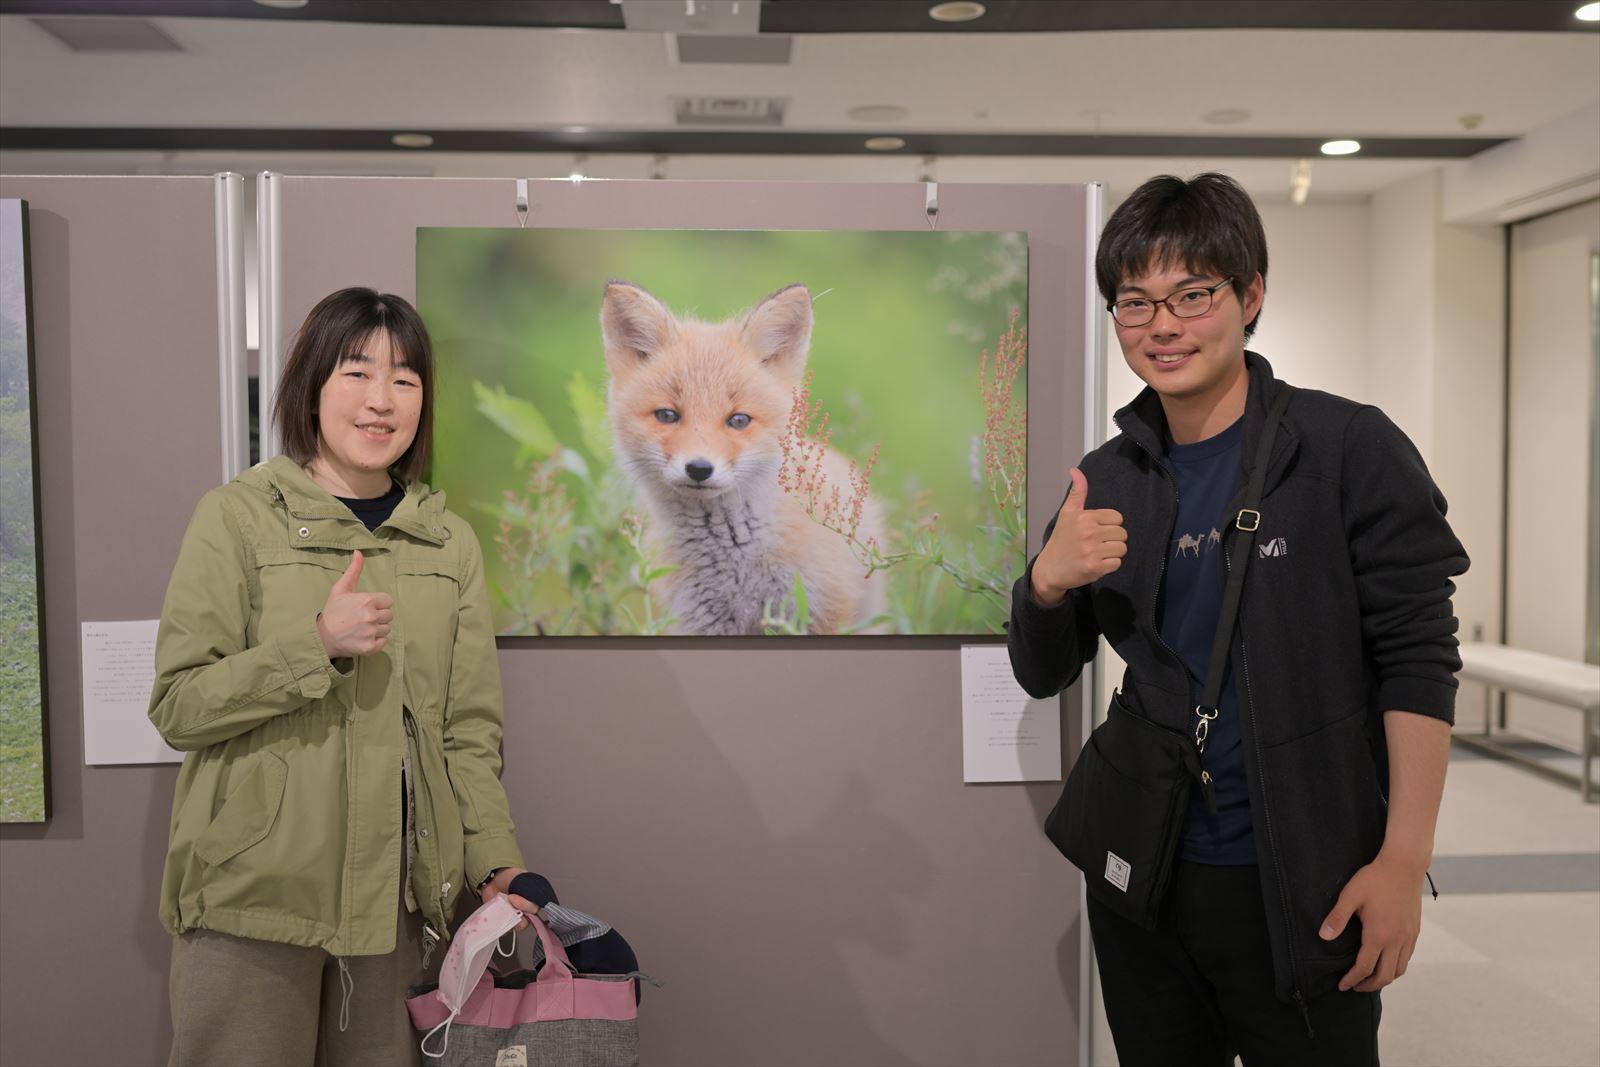 髙橋海斗写真展 つながりゆくもの_a0145819_21132551.jpg